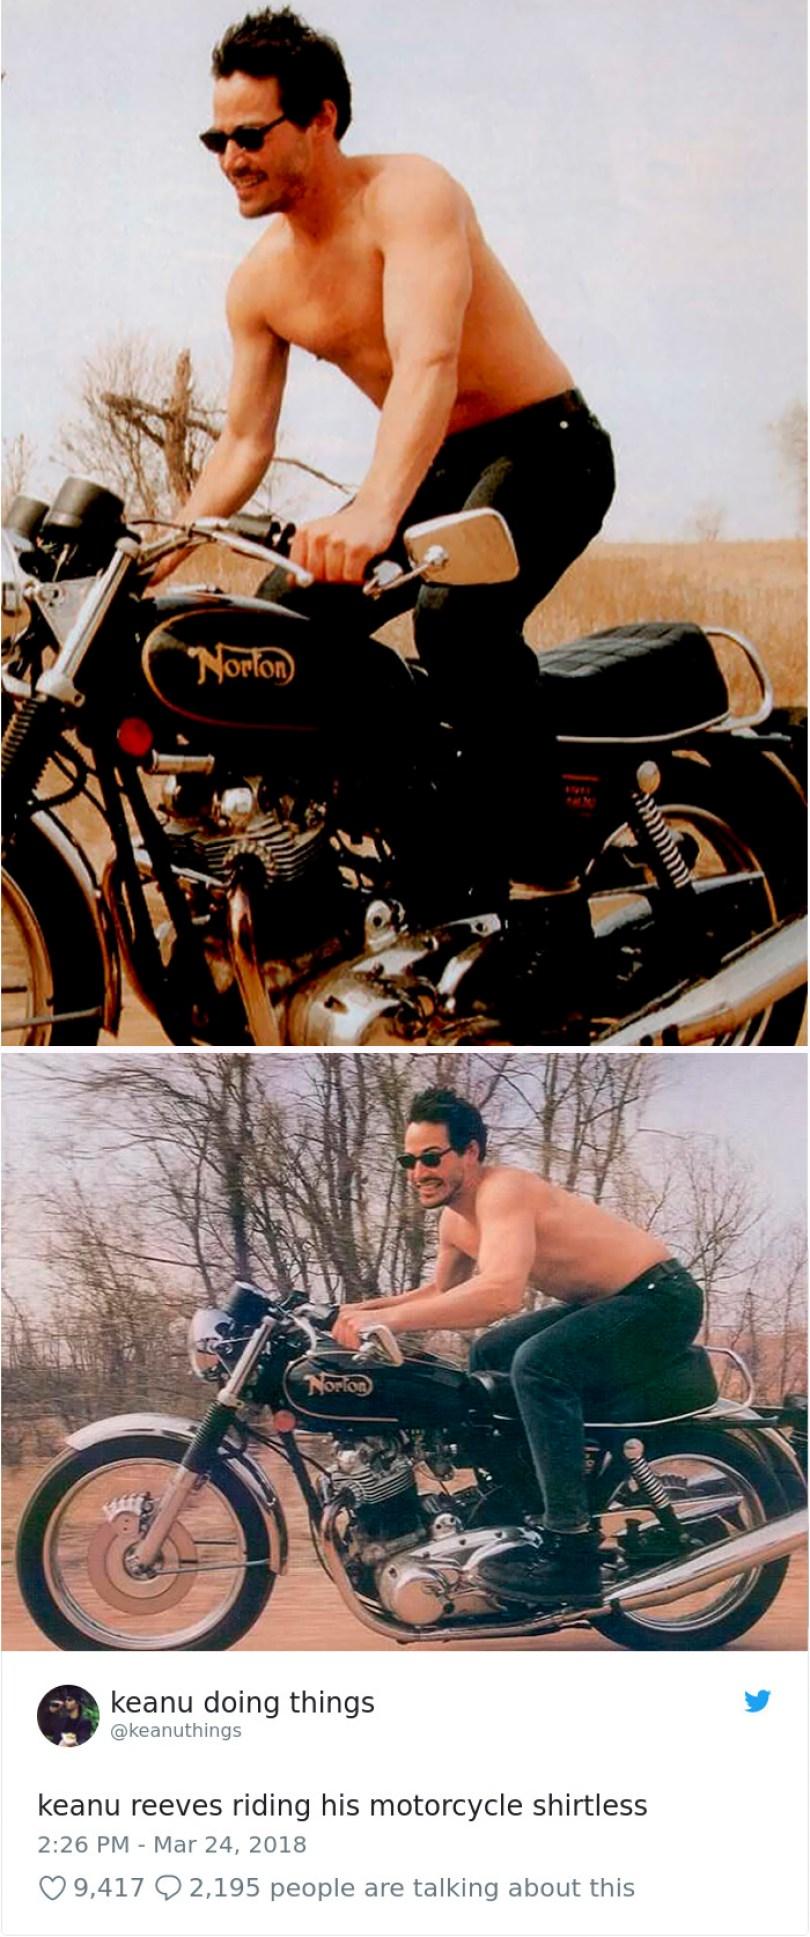 5abe1c0bd6102 977552166960488449 1 png  700 5abc9558b9490  700 - Por que Keanu Reeves tímido e introvertido é tão popular na Internet?